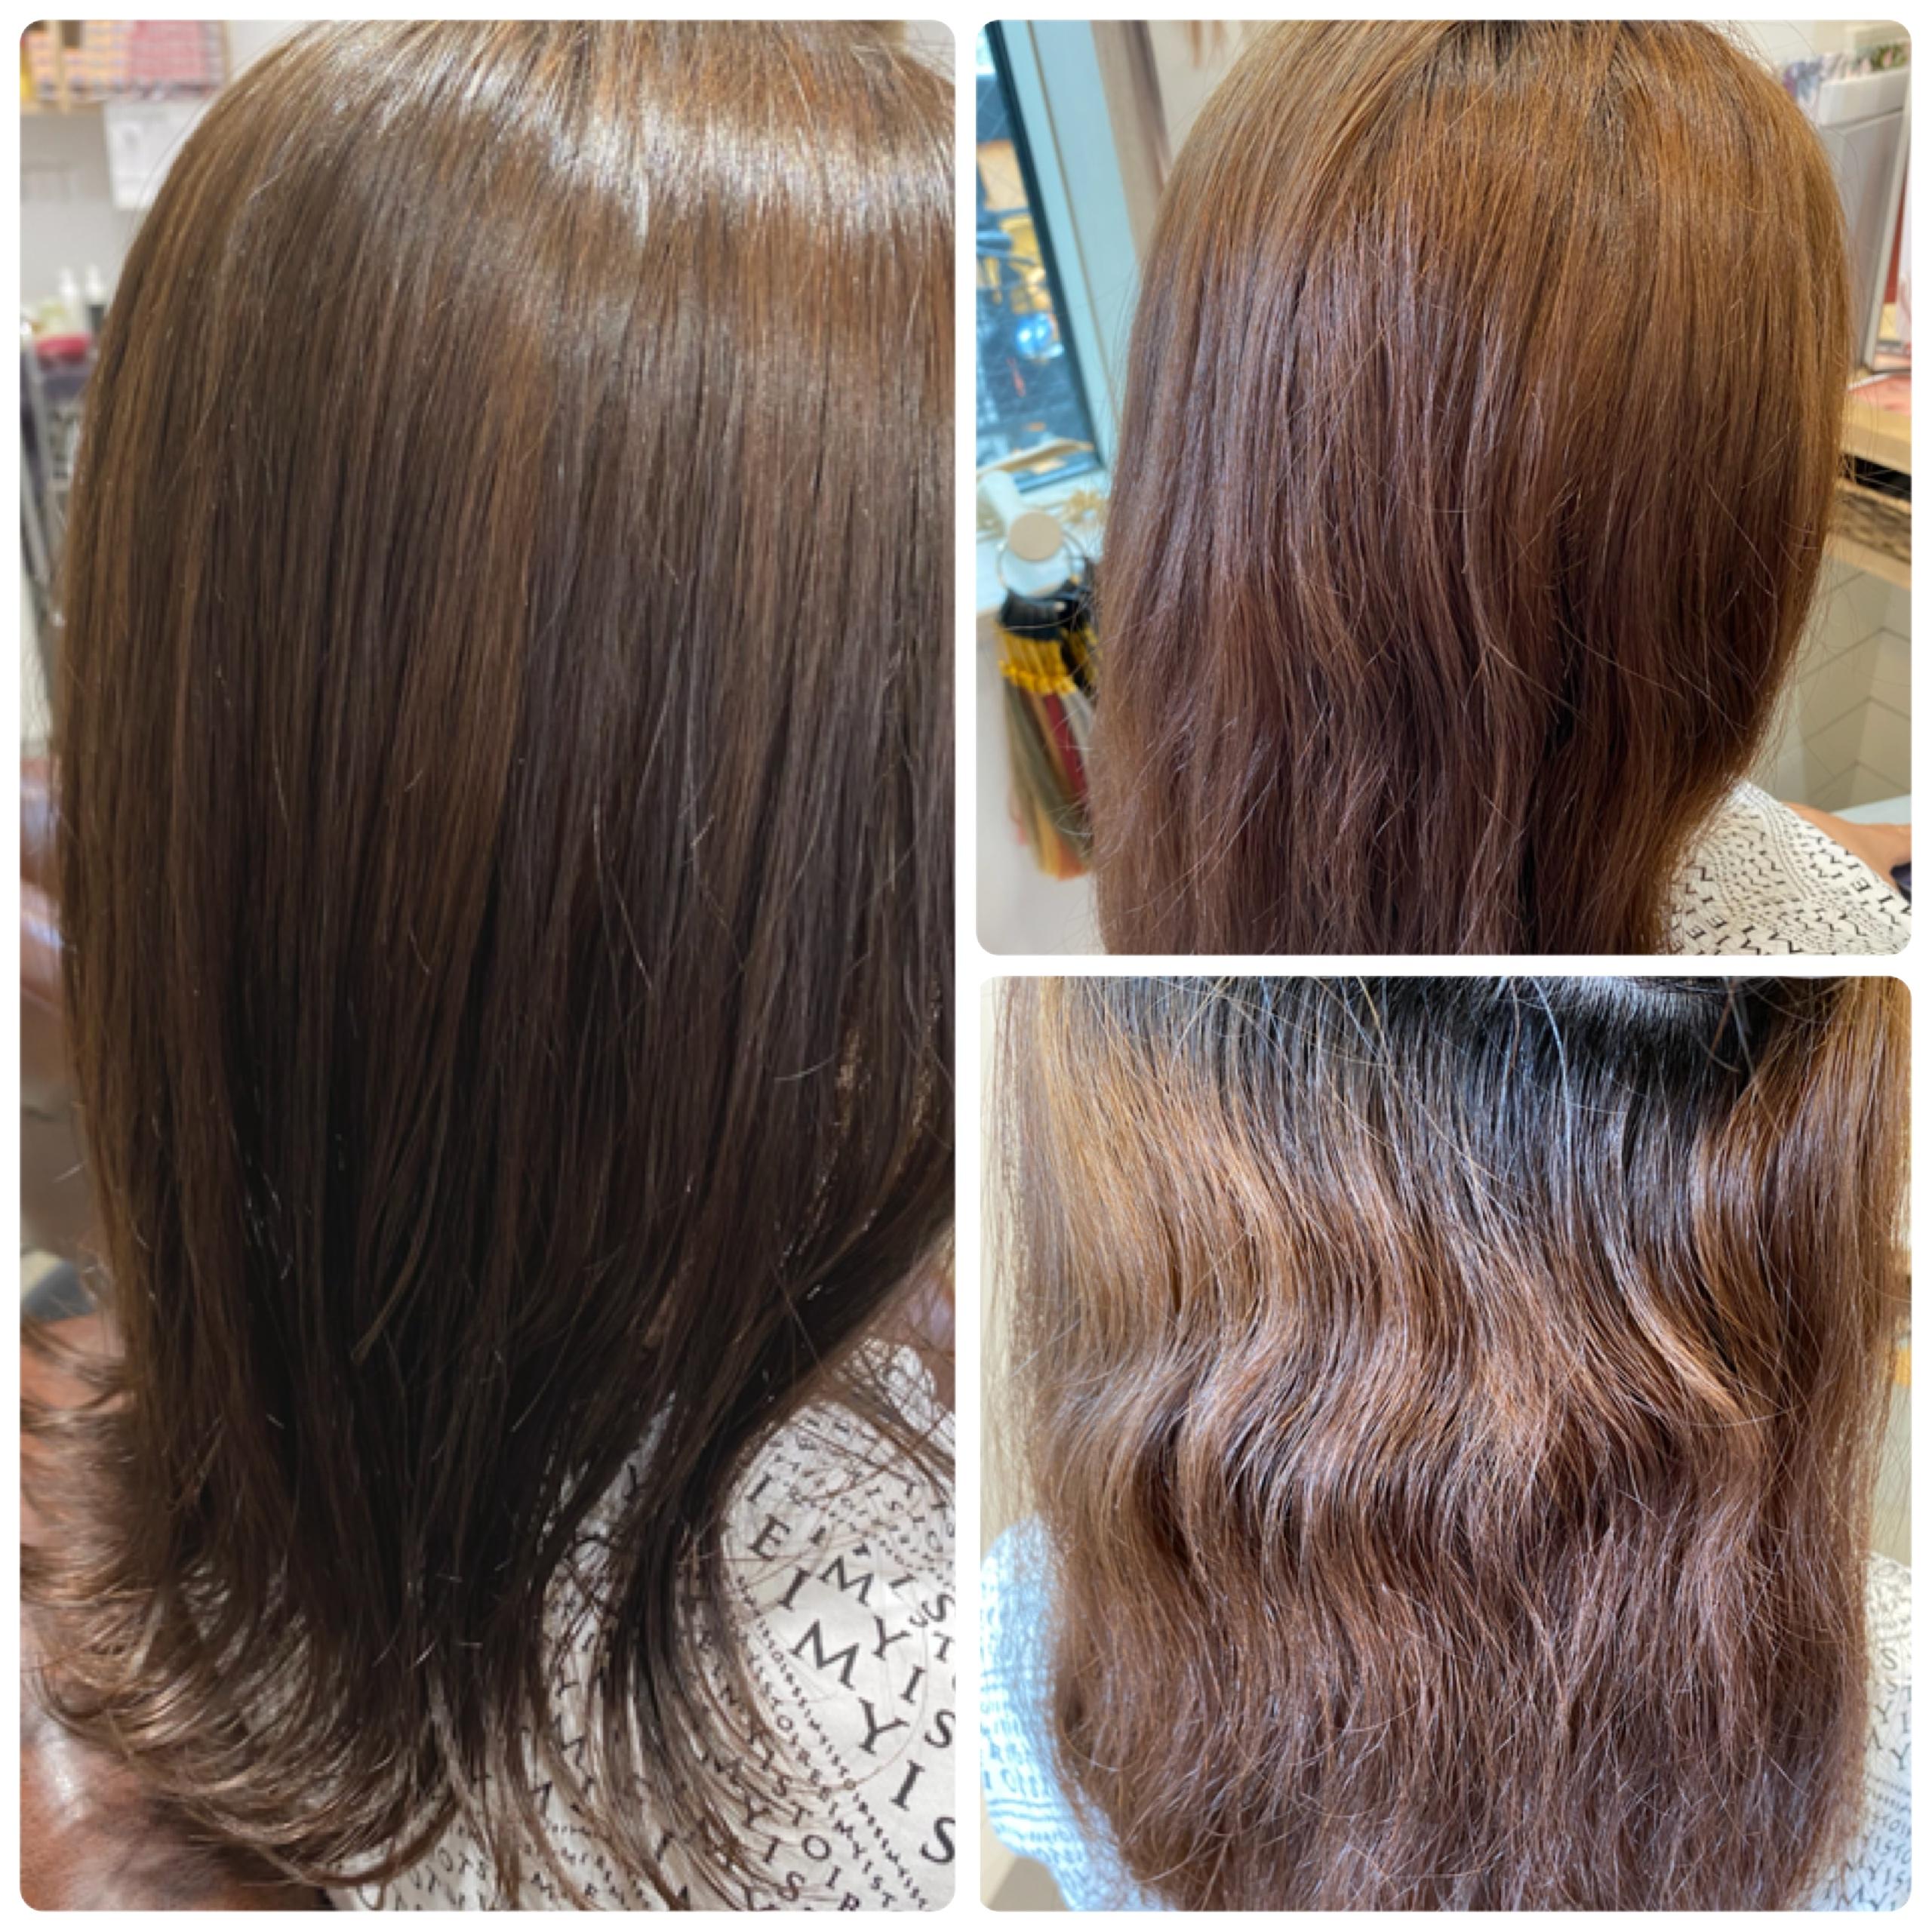 03319883 0931 4A23 A455 65E1B5487A87 - 髪の毛のうねりどうにかしたい..とお悩みの方、お任せください◎【調布/国領】